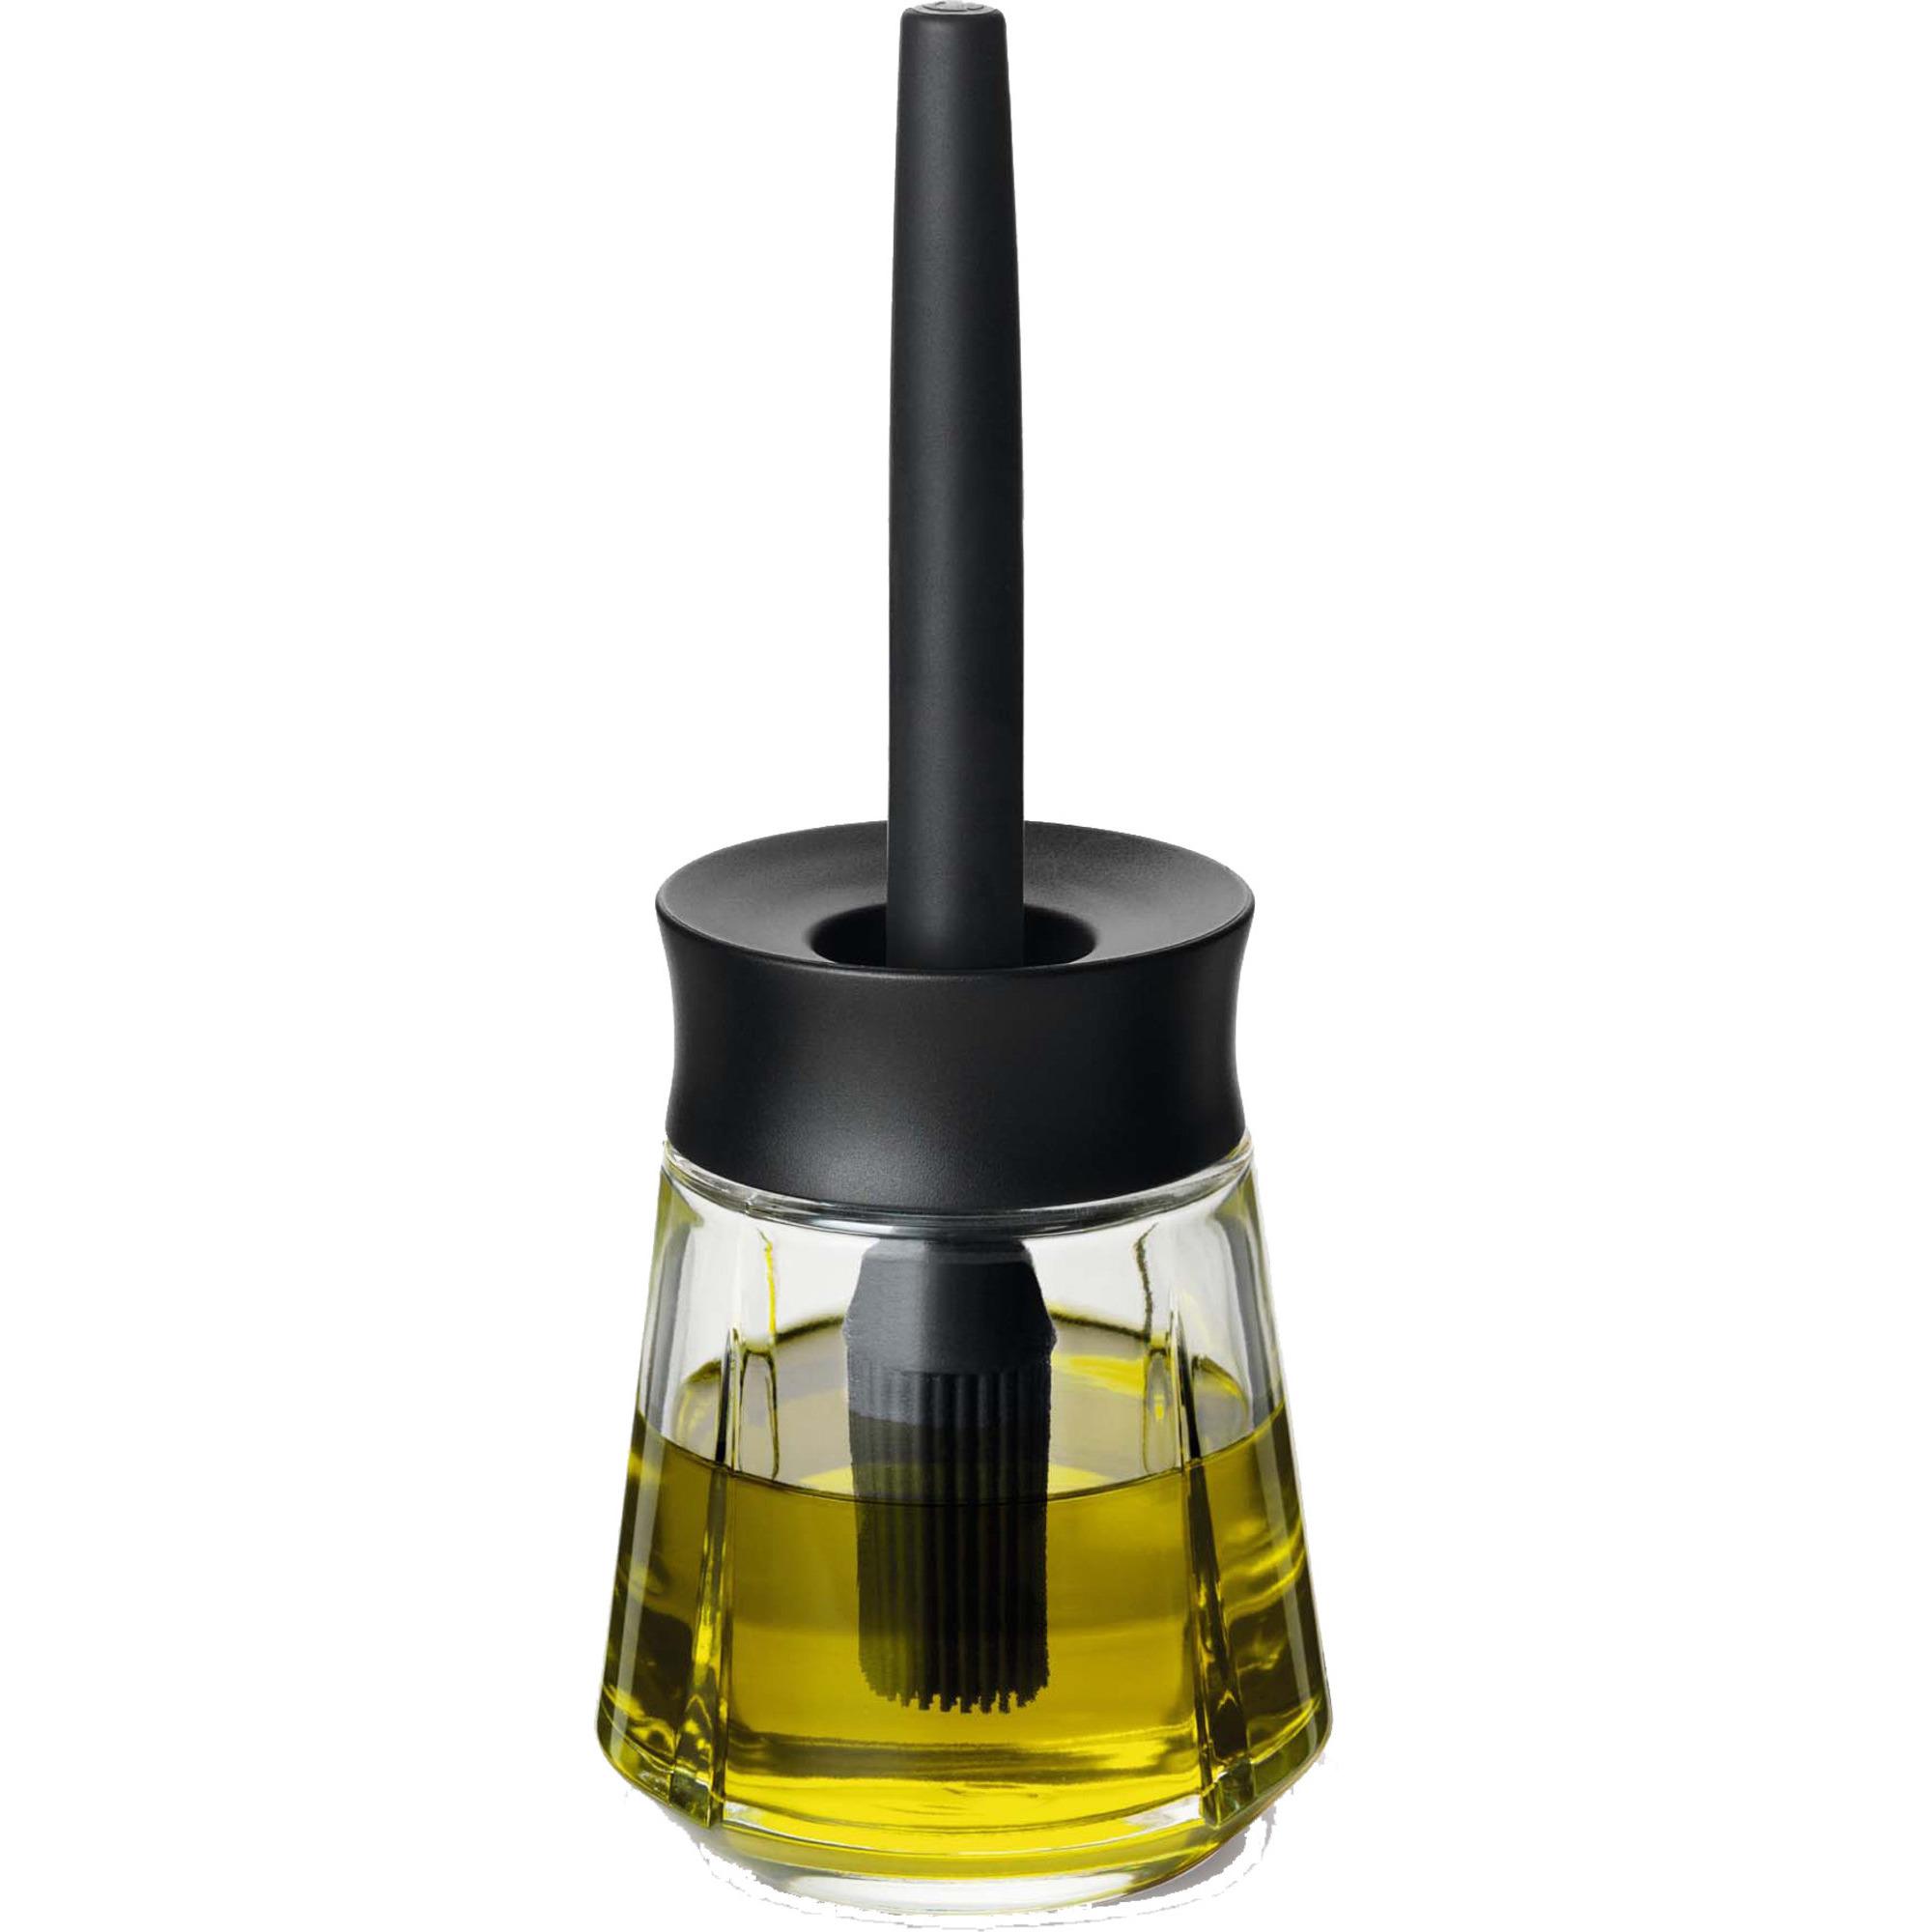 Rosendahl Grand Cru Marinadglas med pensel 25 cl svart